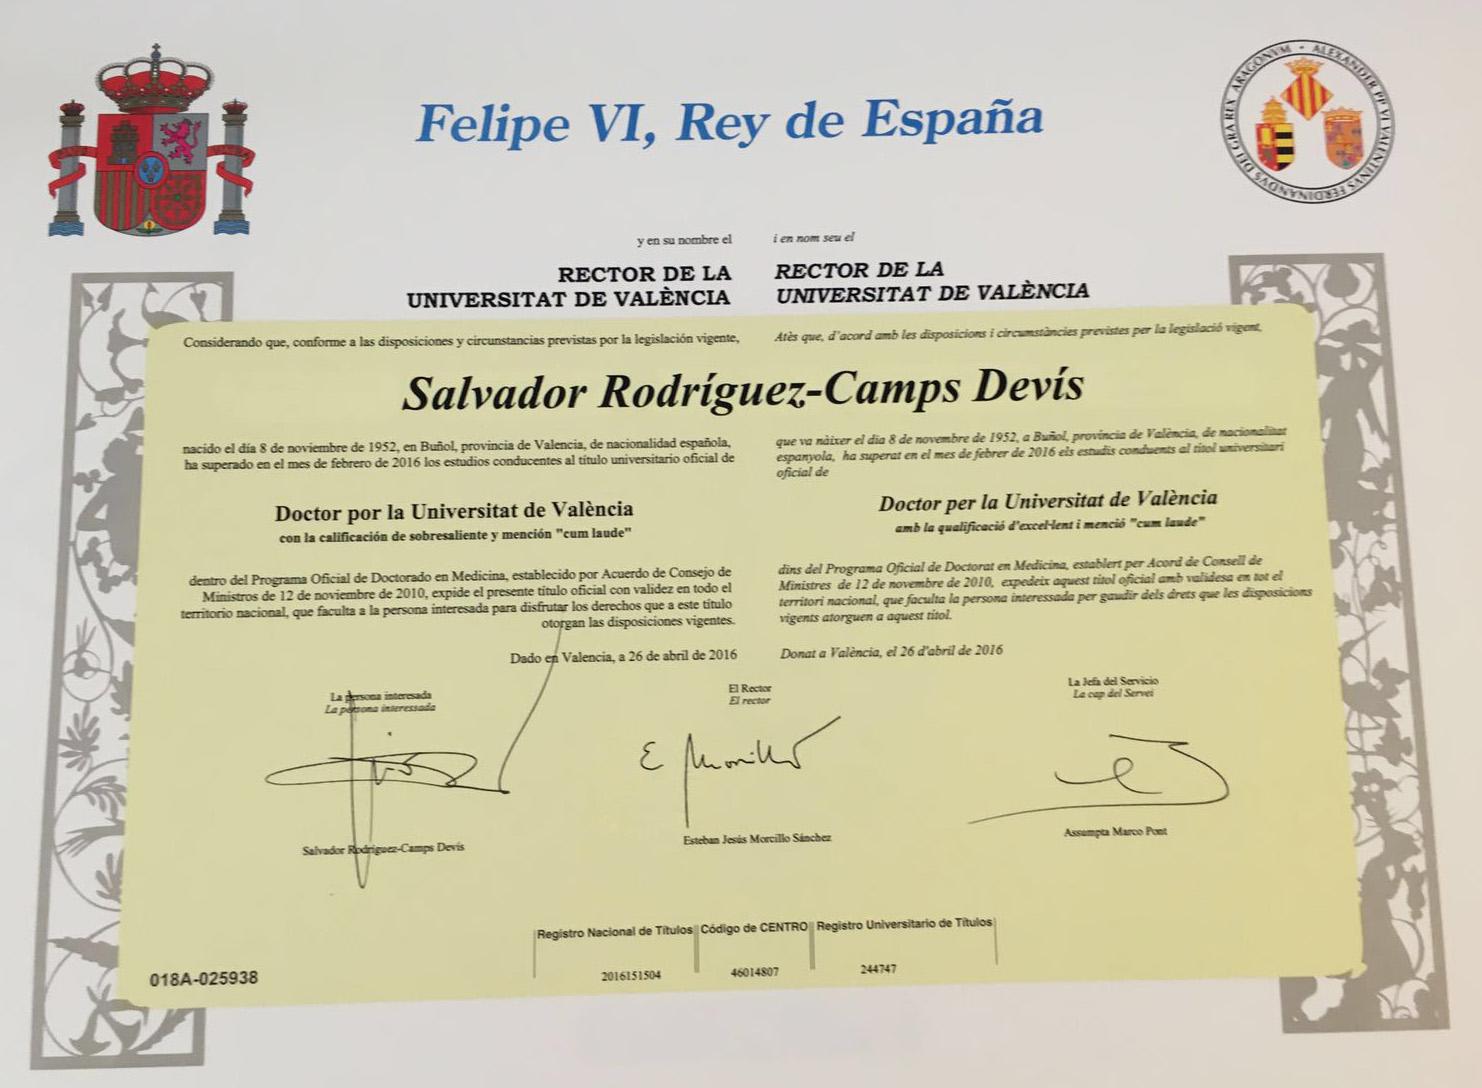 Doctor sobresaliente cum laude por la universidad de valencia for Universidad de valencia master